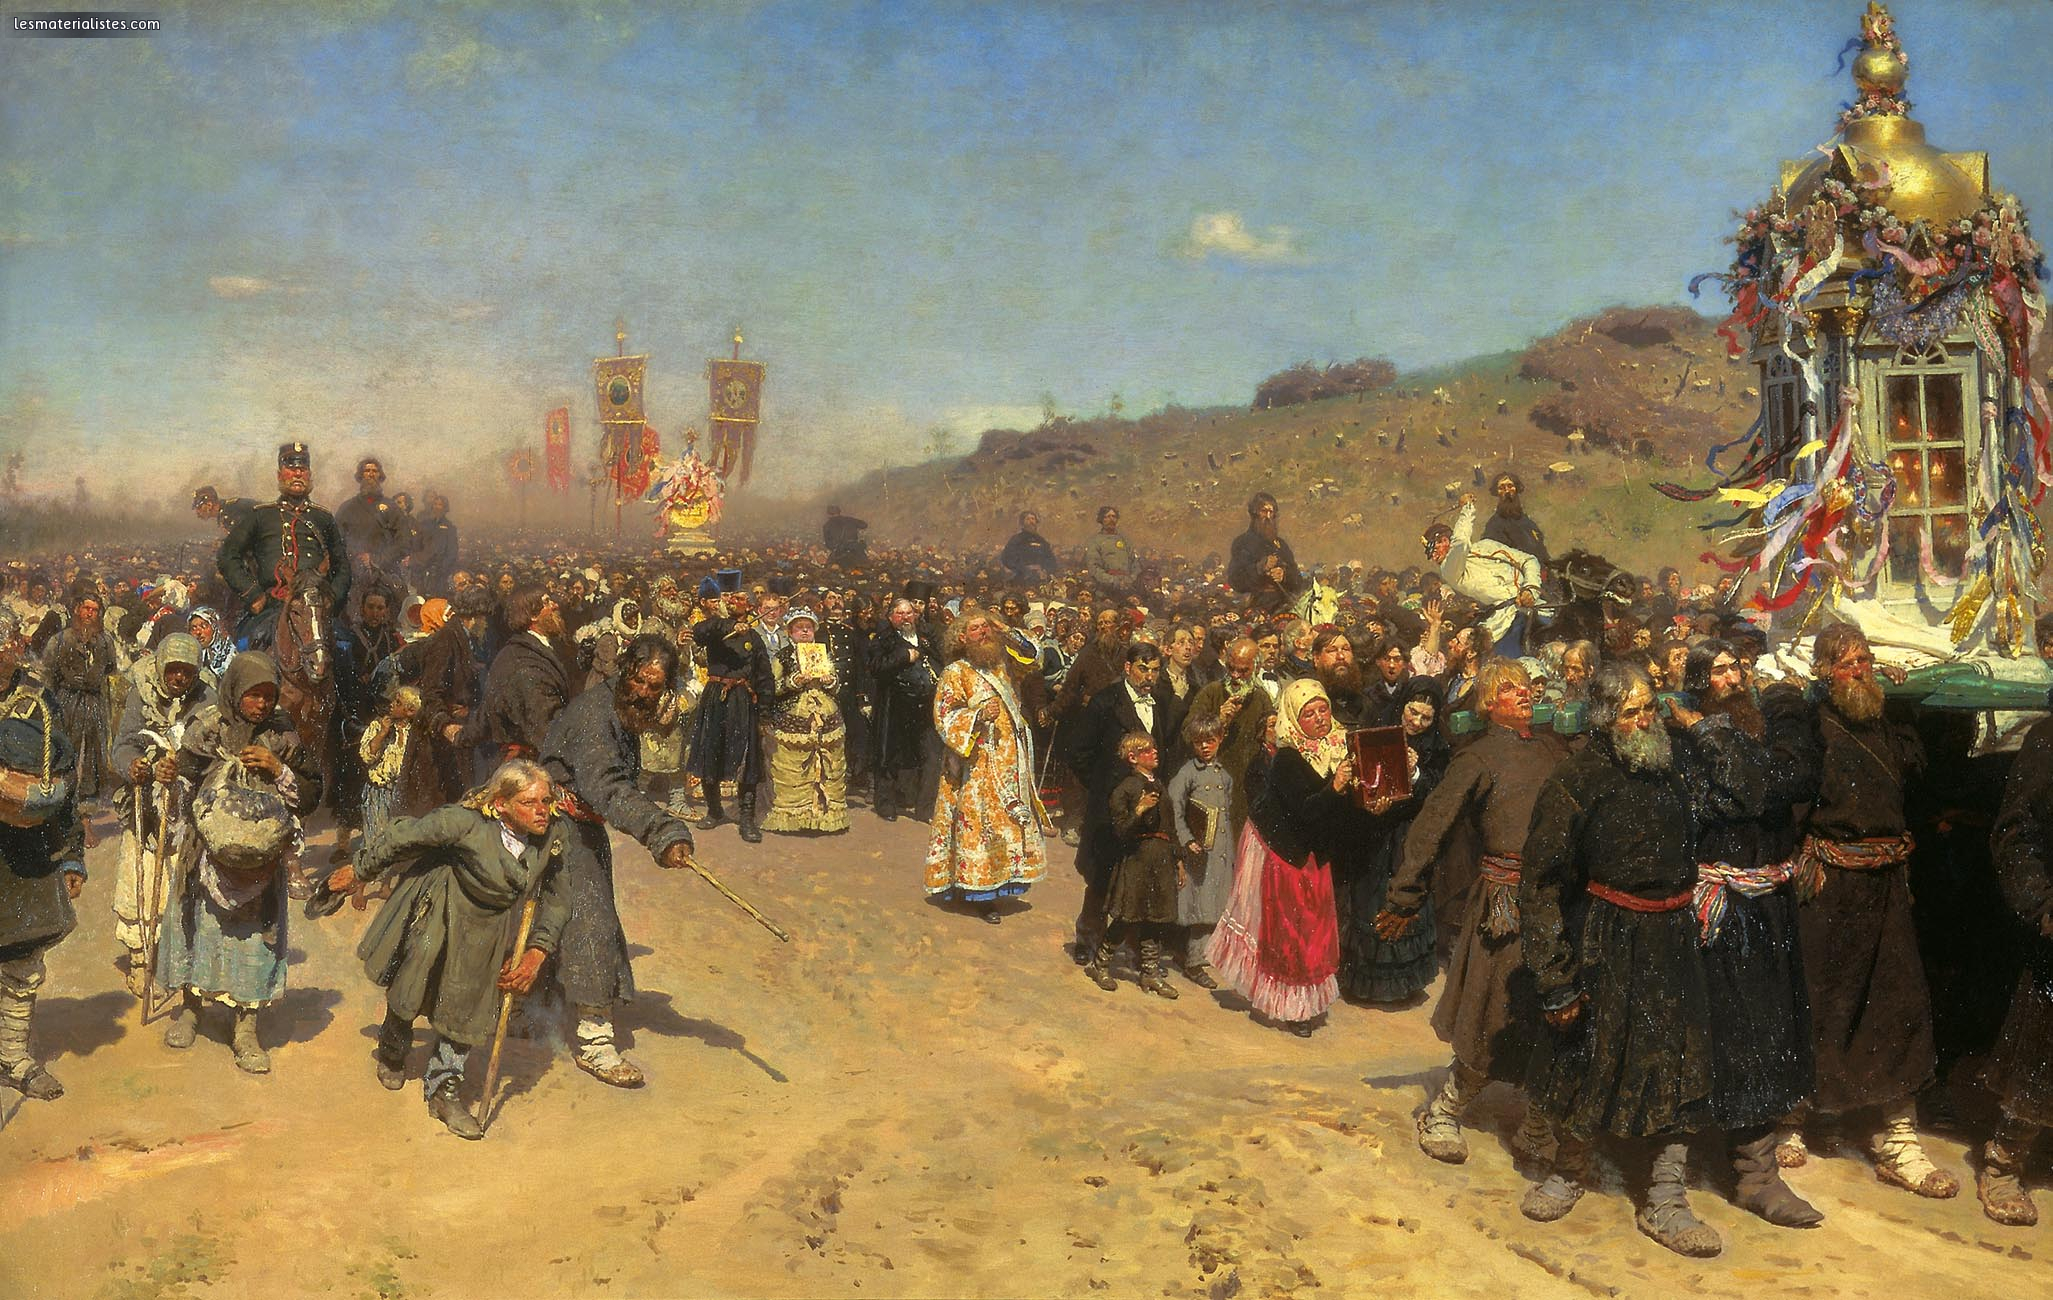 Le clbre peintre russe Ilya Glazounov est dcd